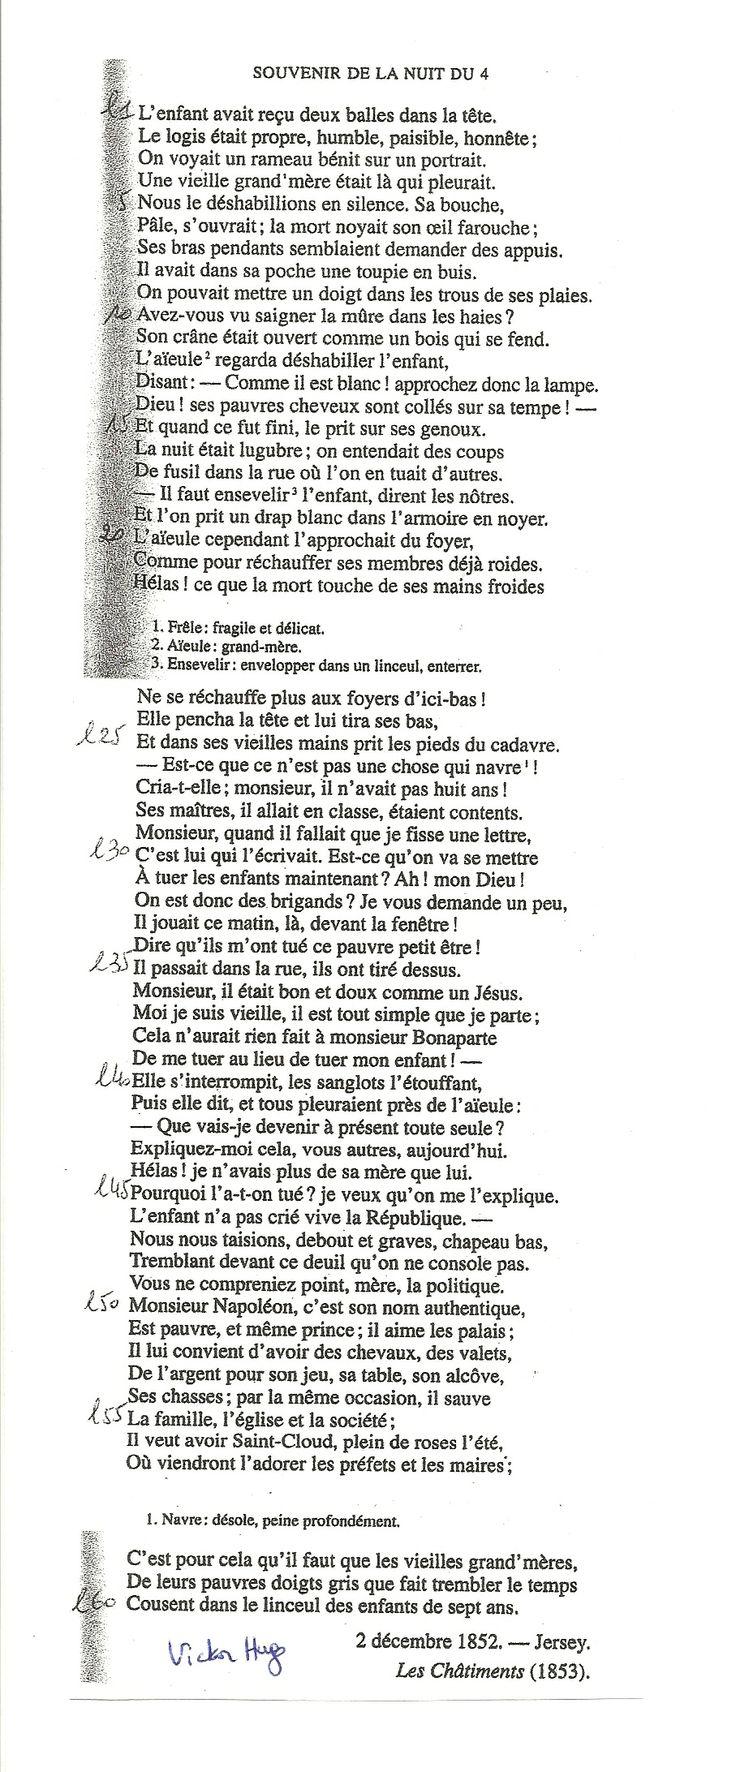 Souvenir de la nuit du 4, Victor Hugo, 1853. | L'art et ...